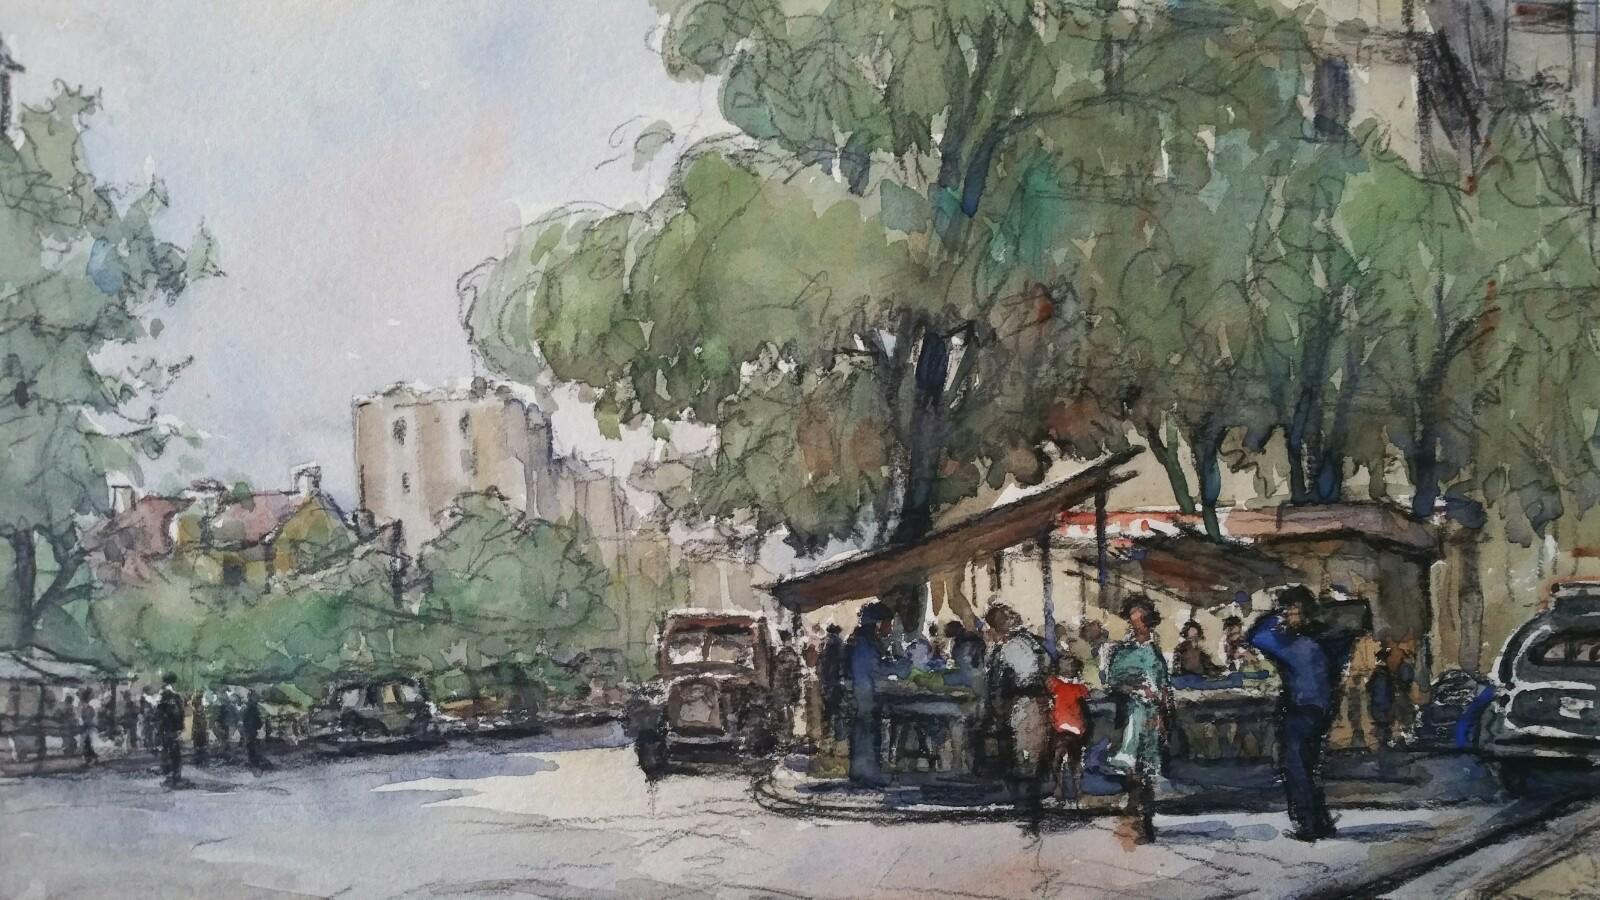 Ecole de Paris Mid 20th Century Paris Street Cafes & Figures